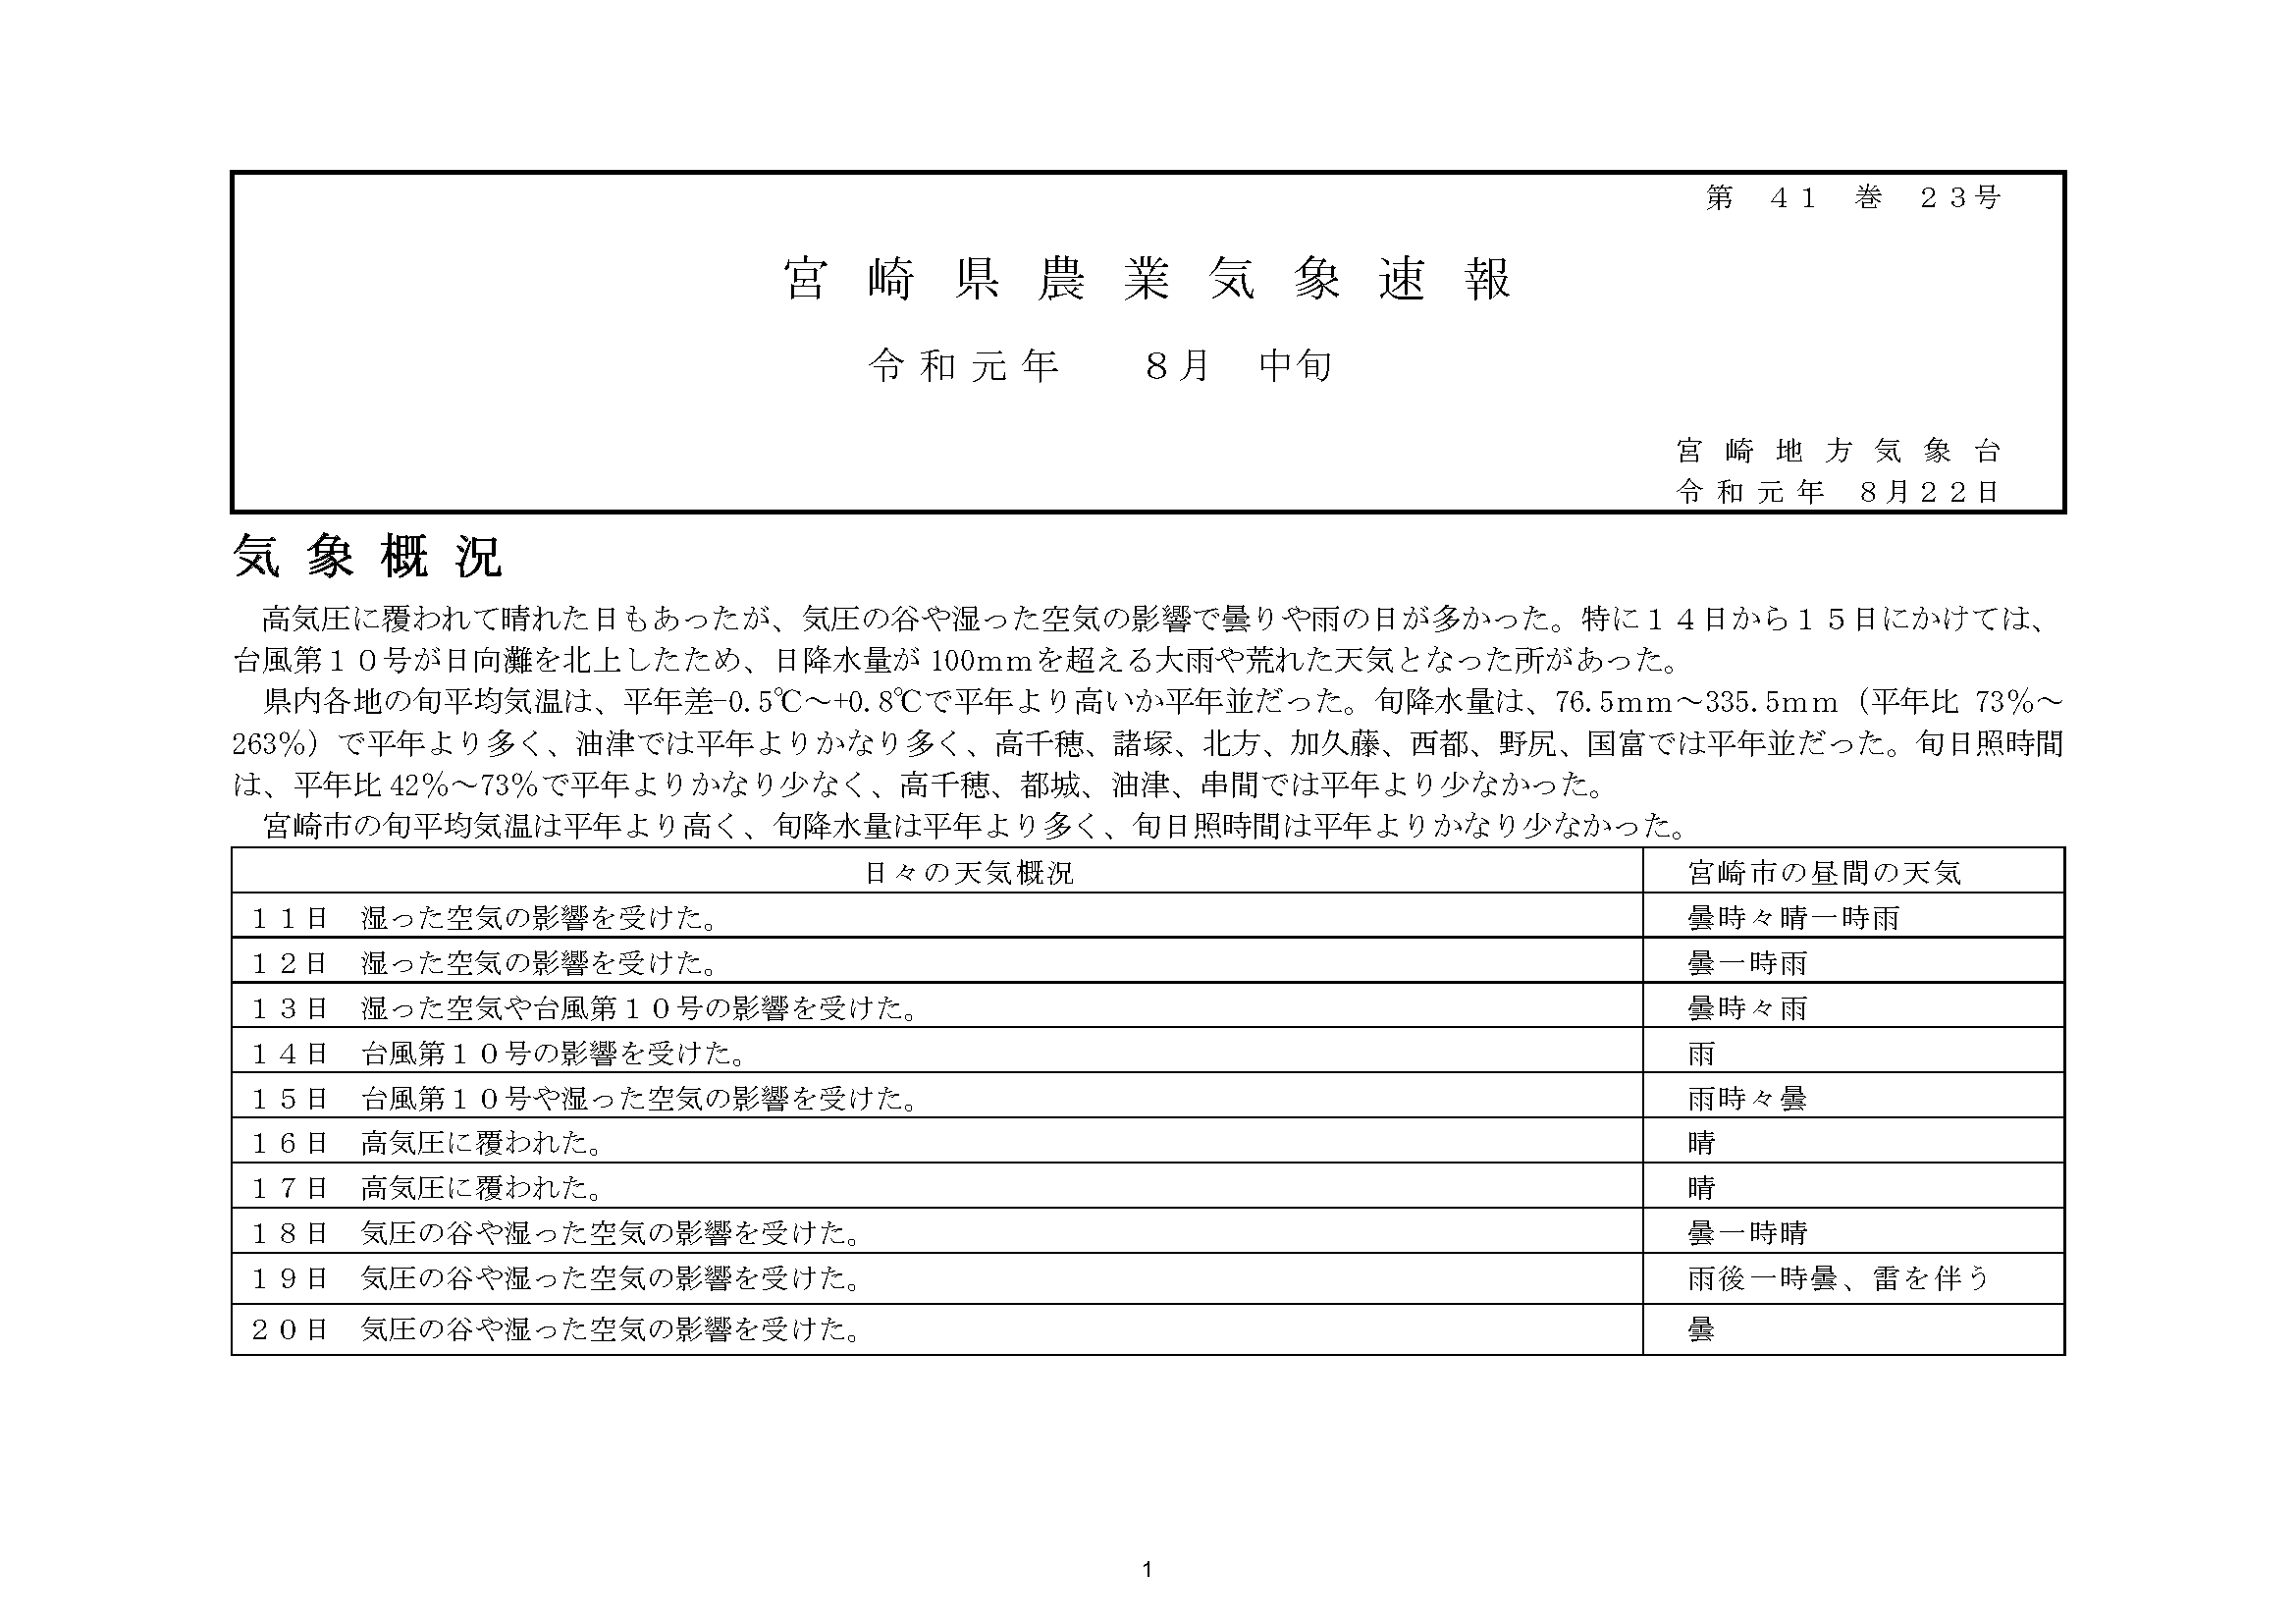 宮崎県農業気象速報令和元年8月上旬PDF